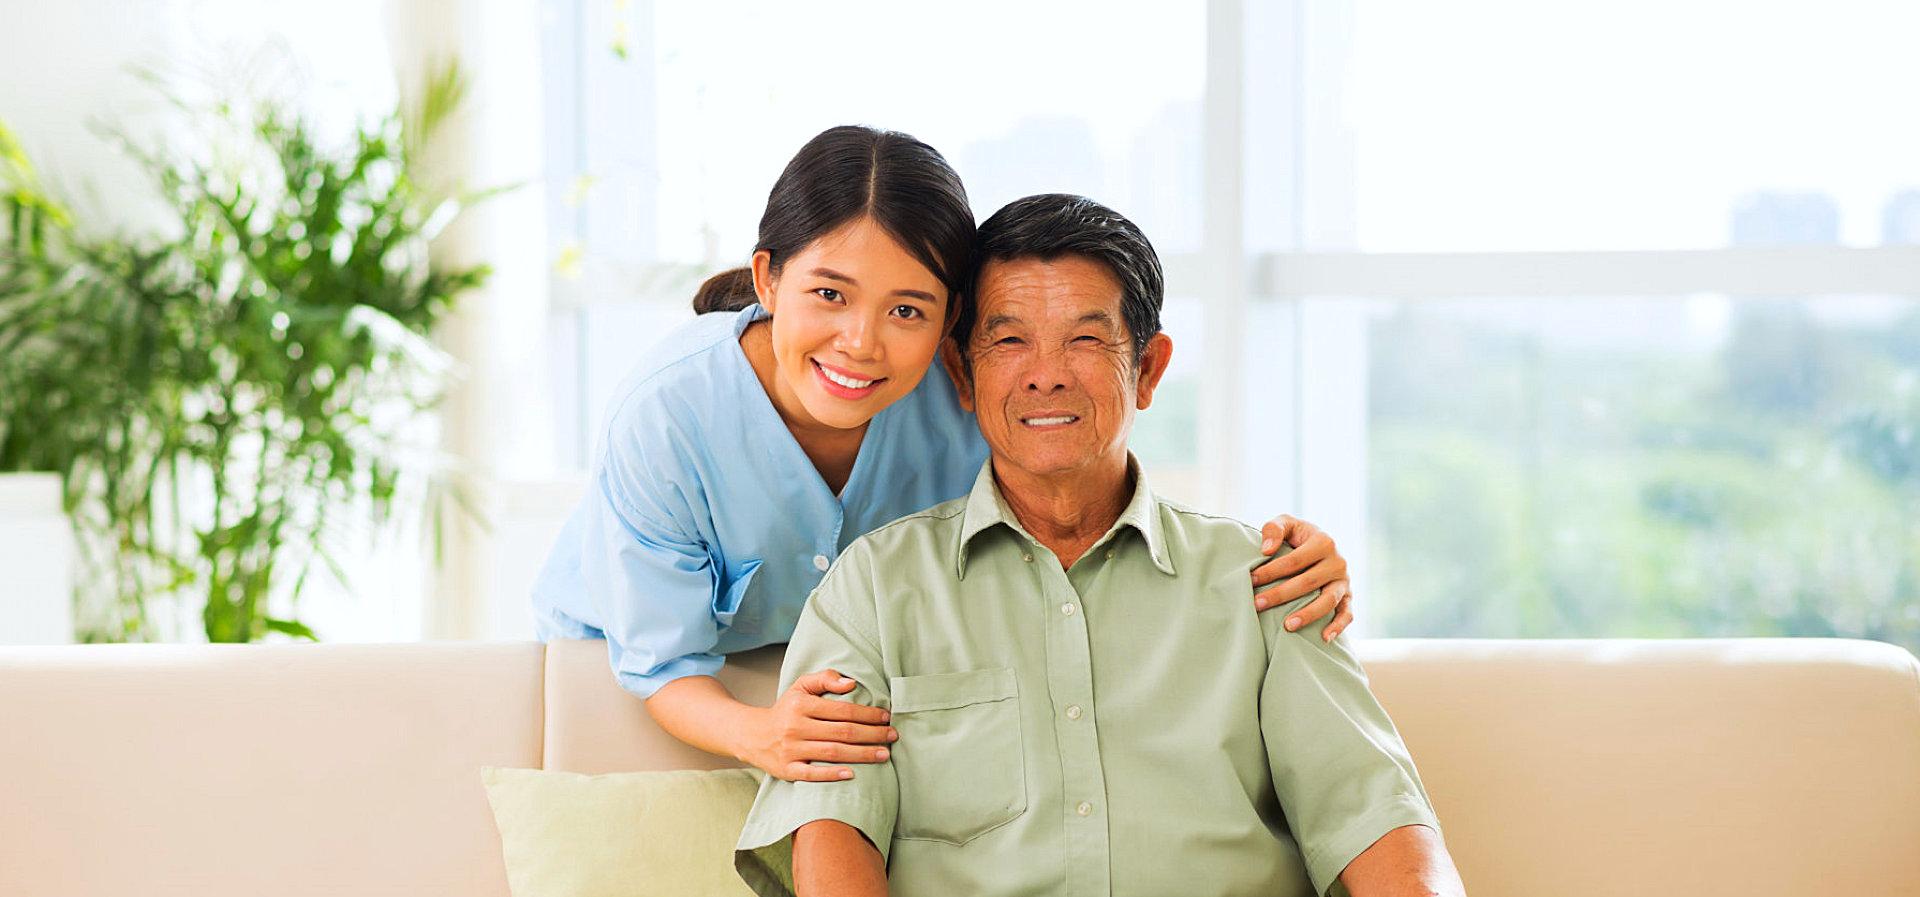 happy senior man and caregiver